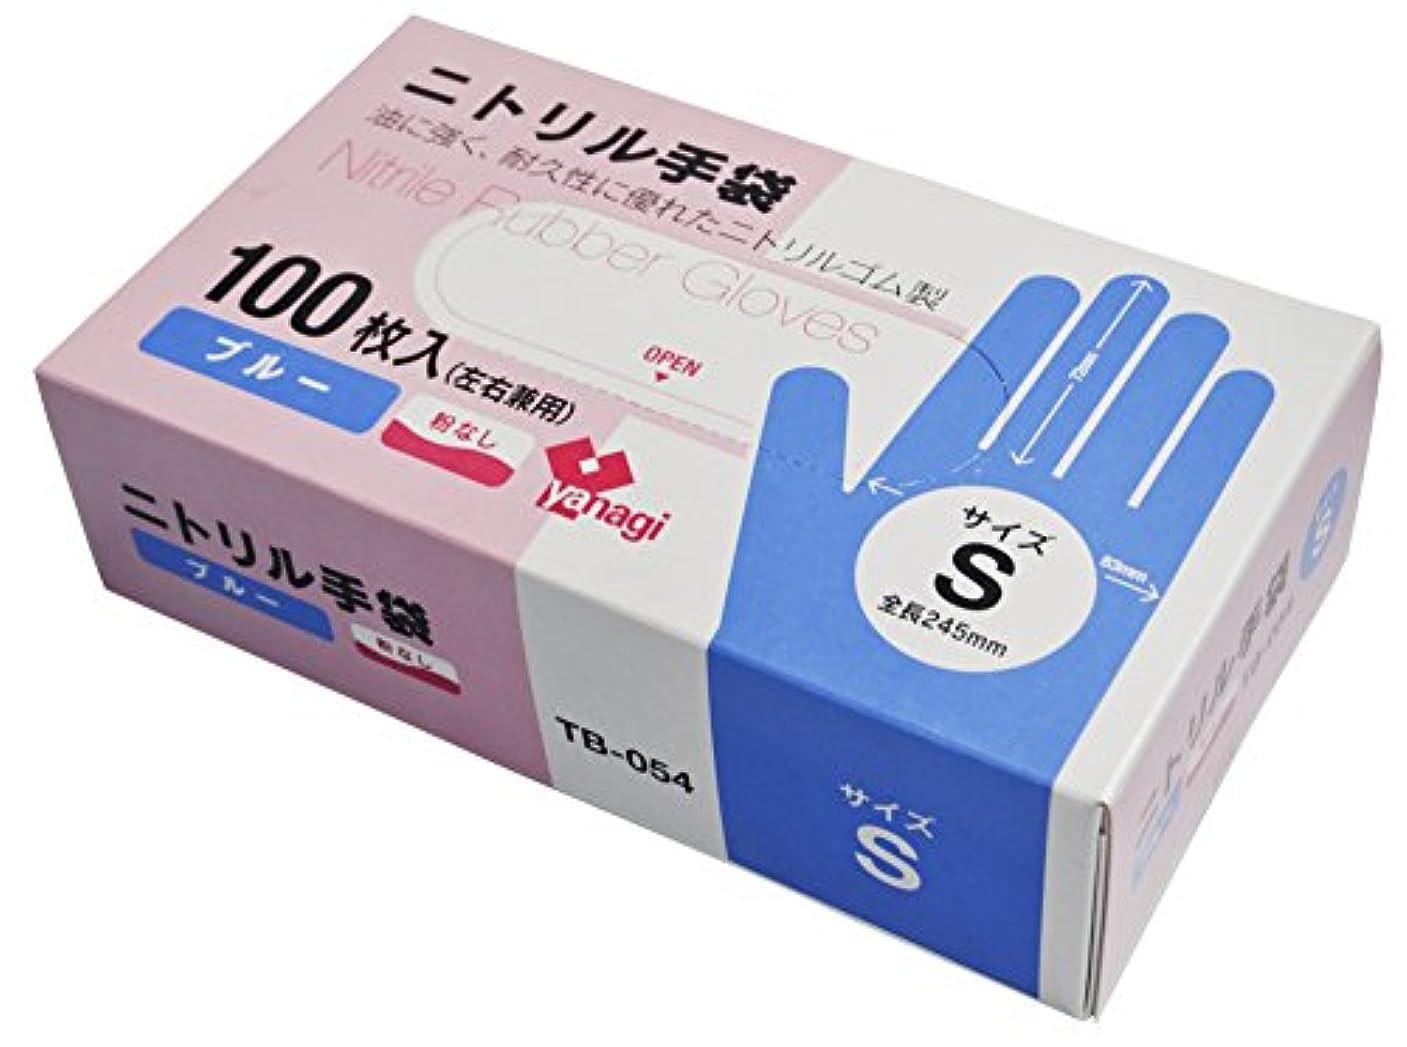 実際の成功したイブニング使い捨て ニトリル製手袋 ブルー 左右兼用 Sサイズ 100枚入 粉なし 食品衛生法規格基準適合品 TB-054